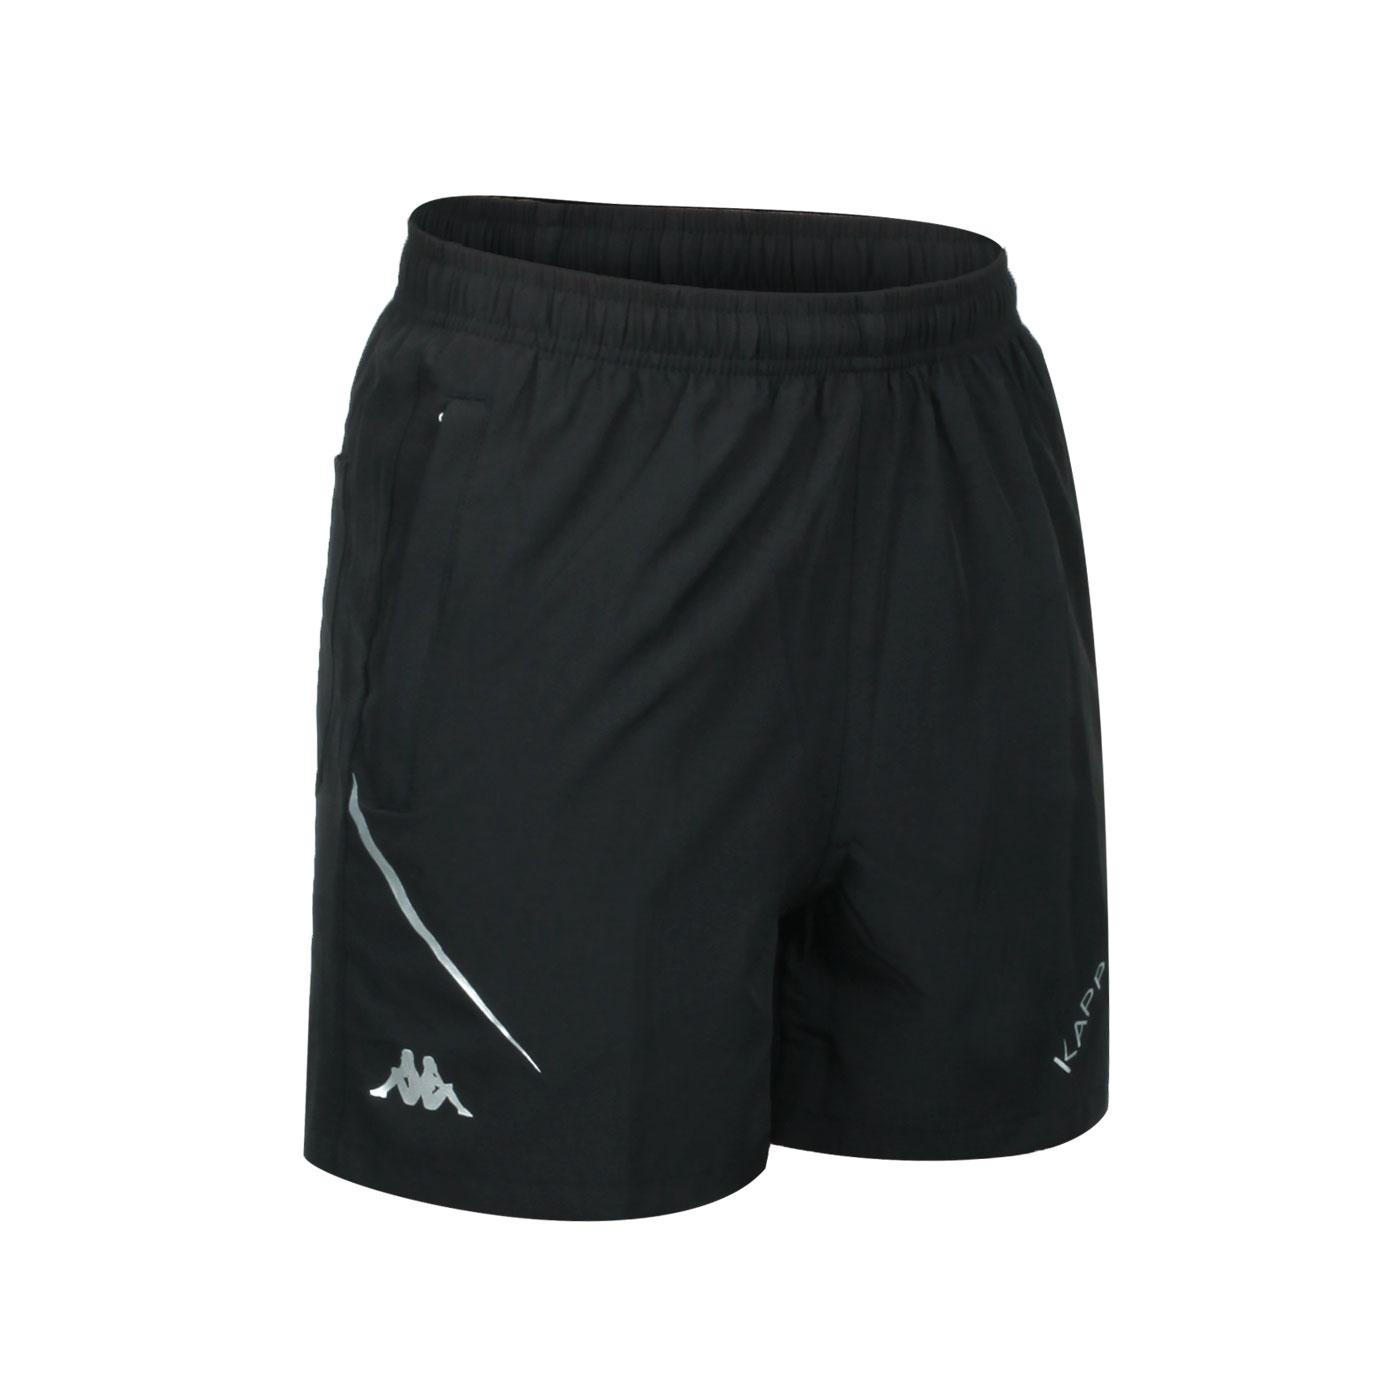 KAPPA 男款K4T單層短褲 32166WW-005 - 黑銀